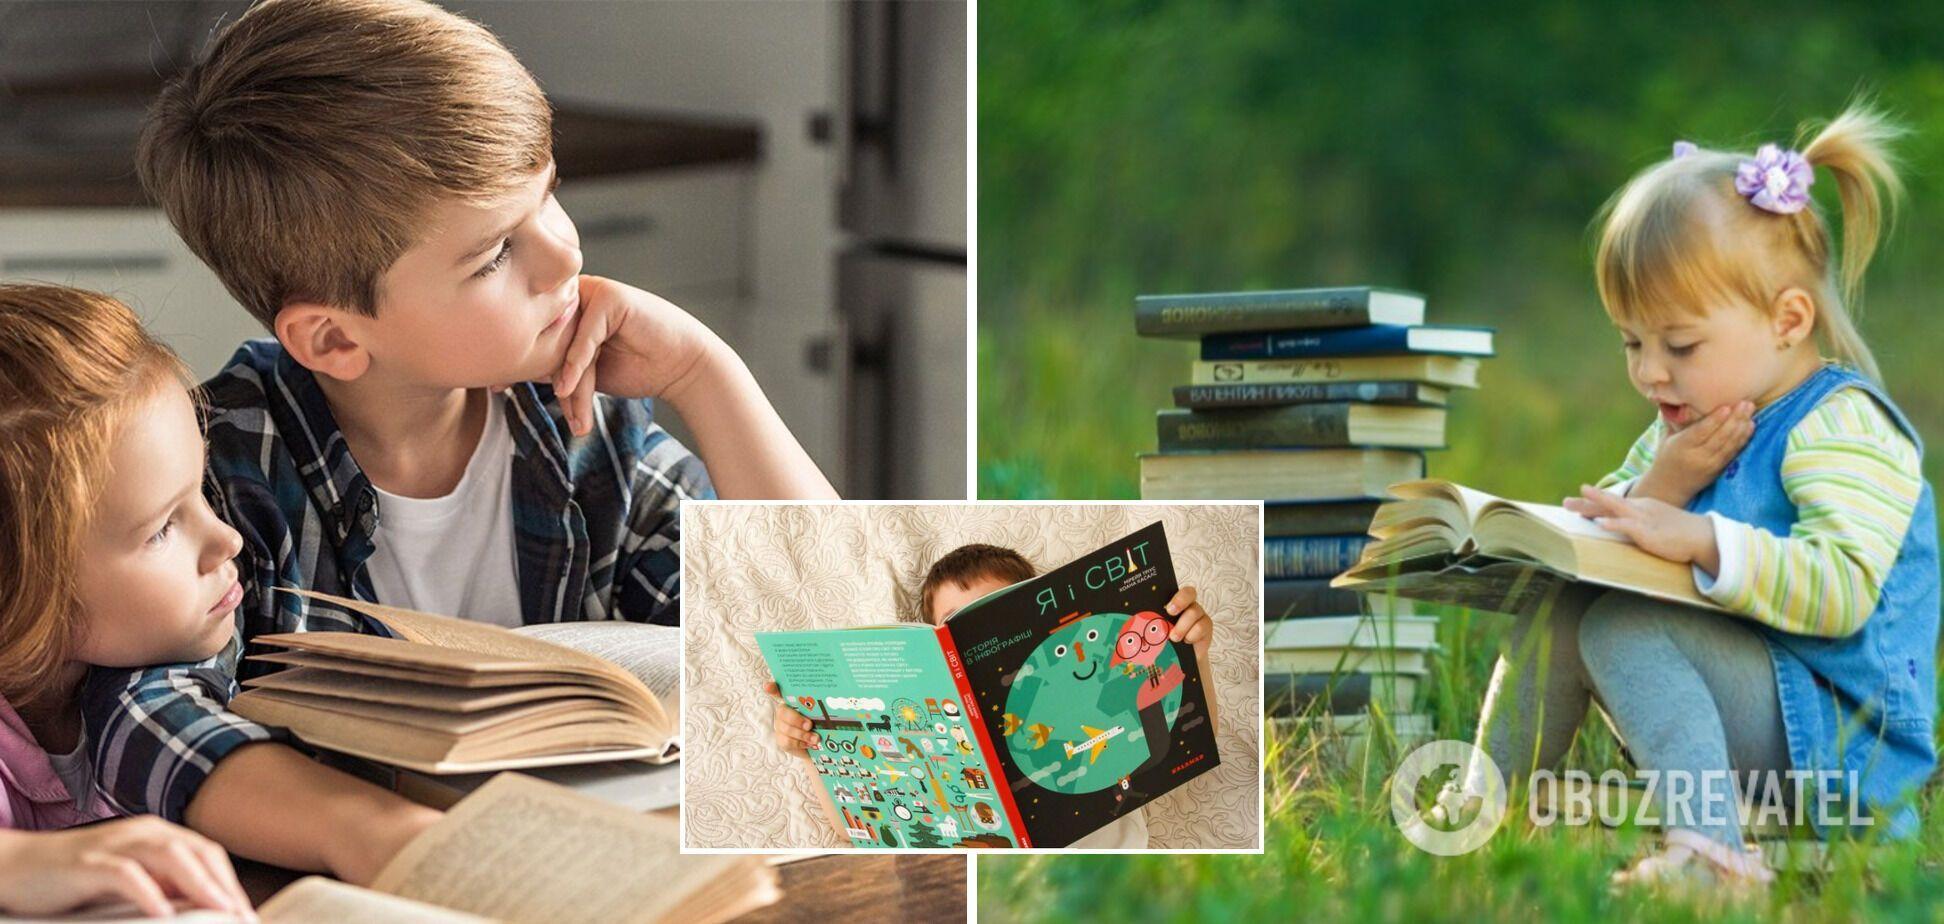 Крутіші за гаджети: топ-9 книг, які варто взяти з собою у подорож